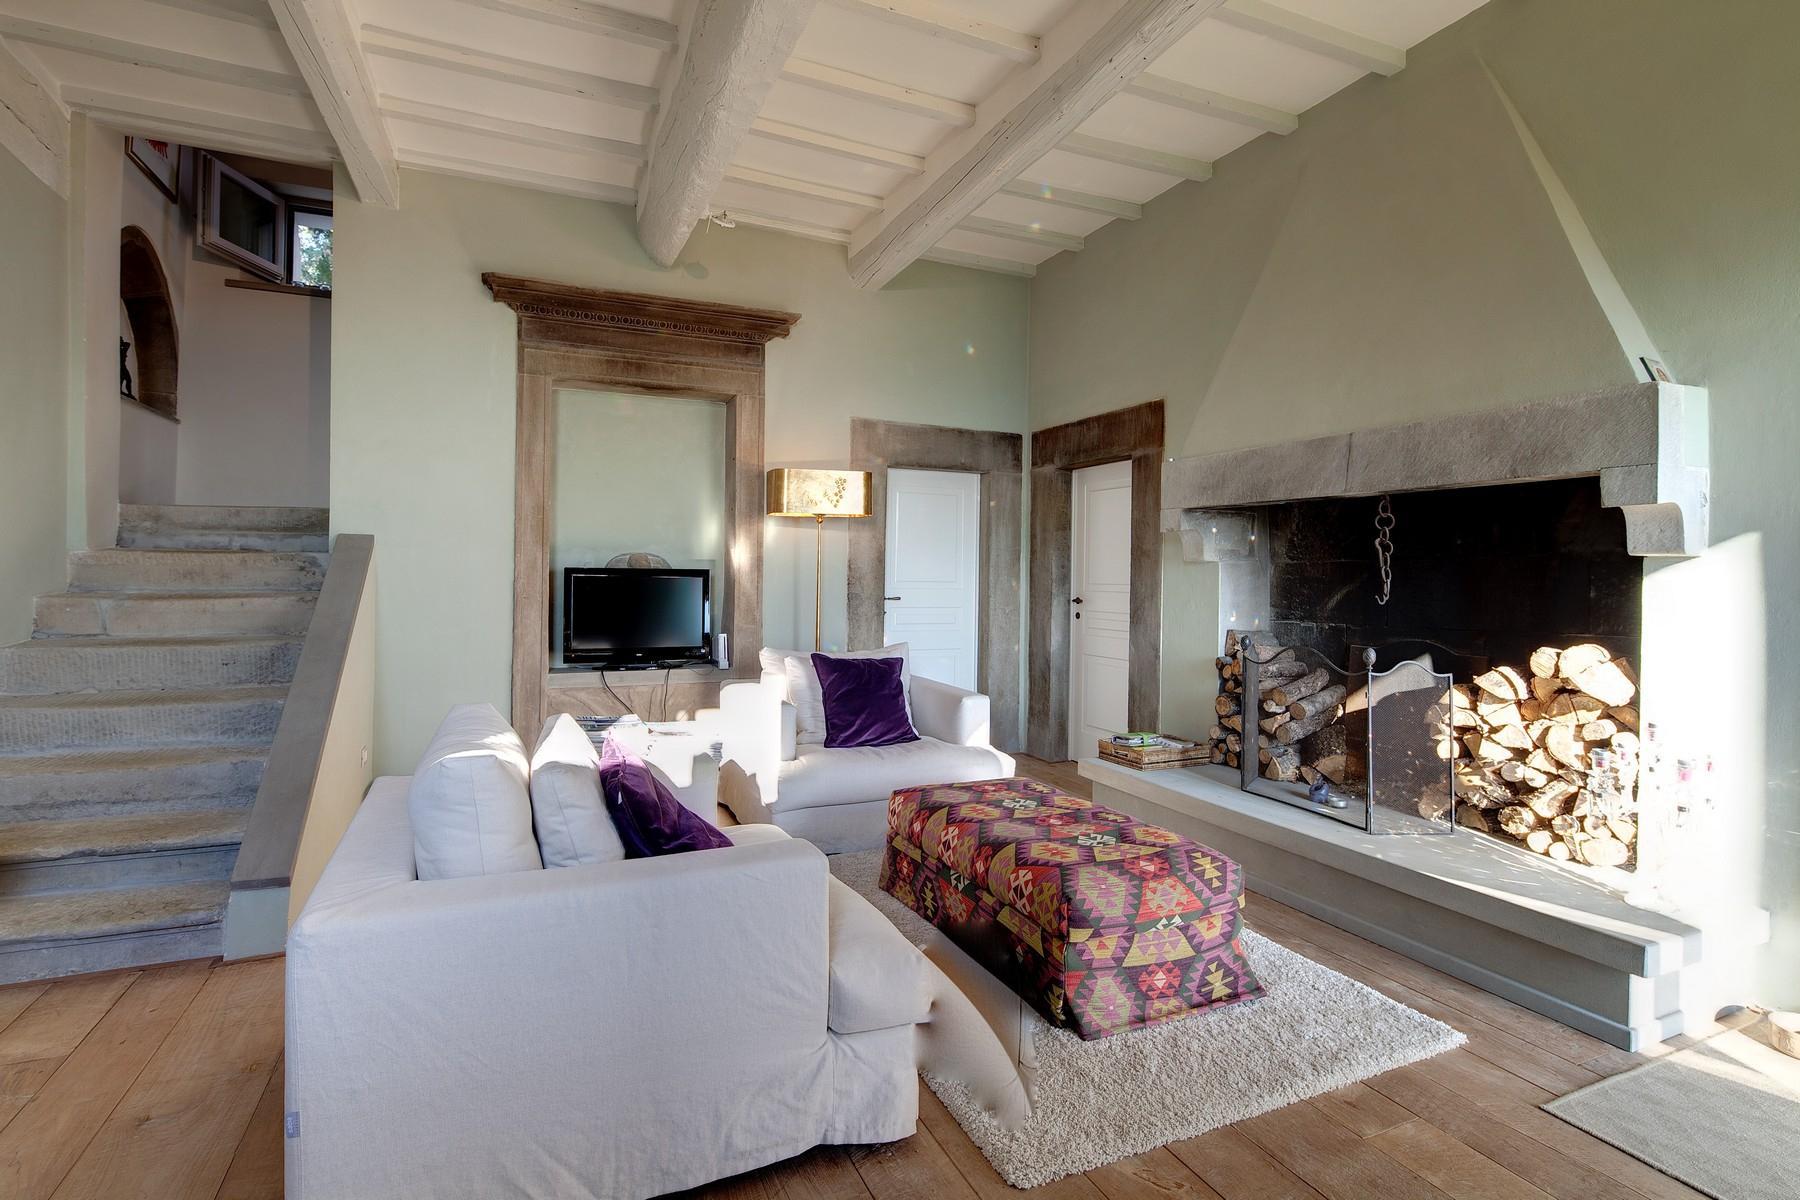 Splendida villa autentica con torretta - 3